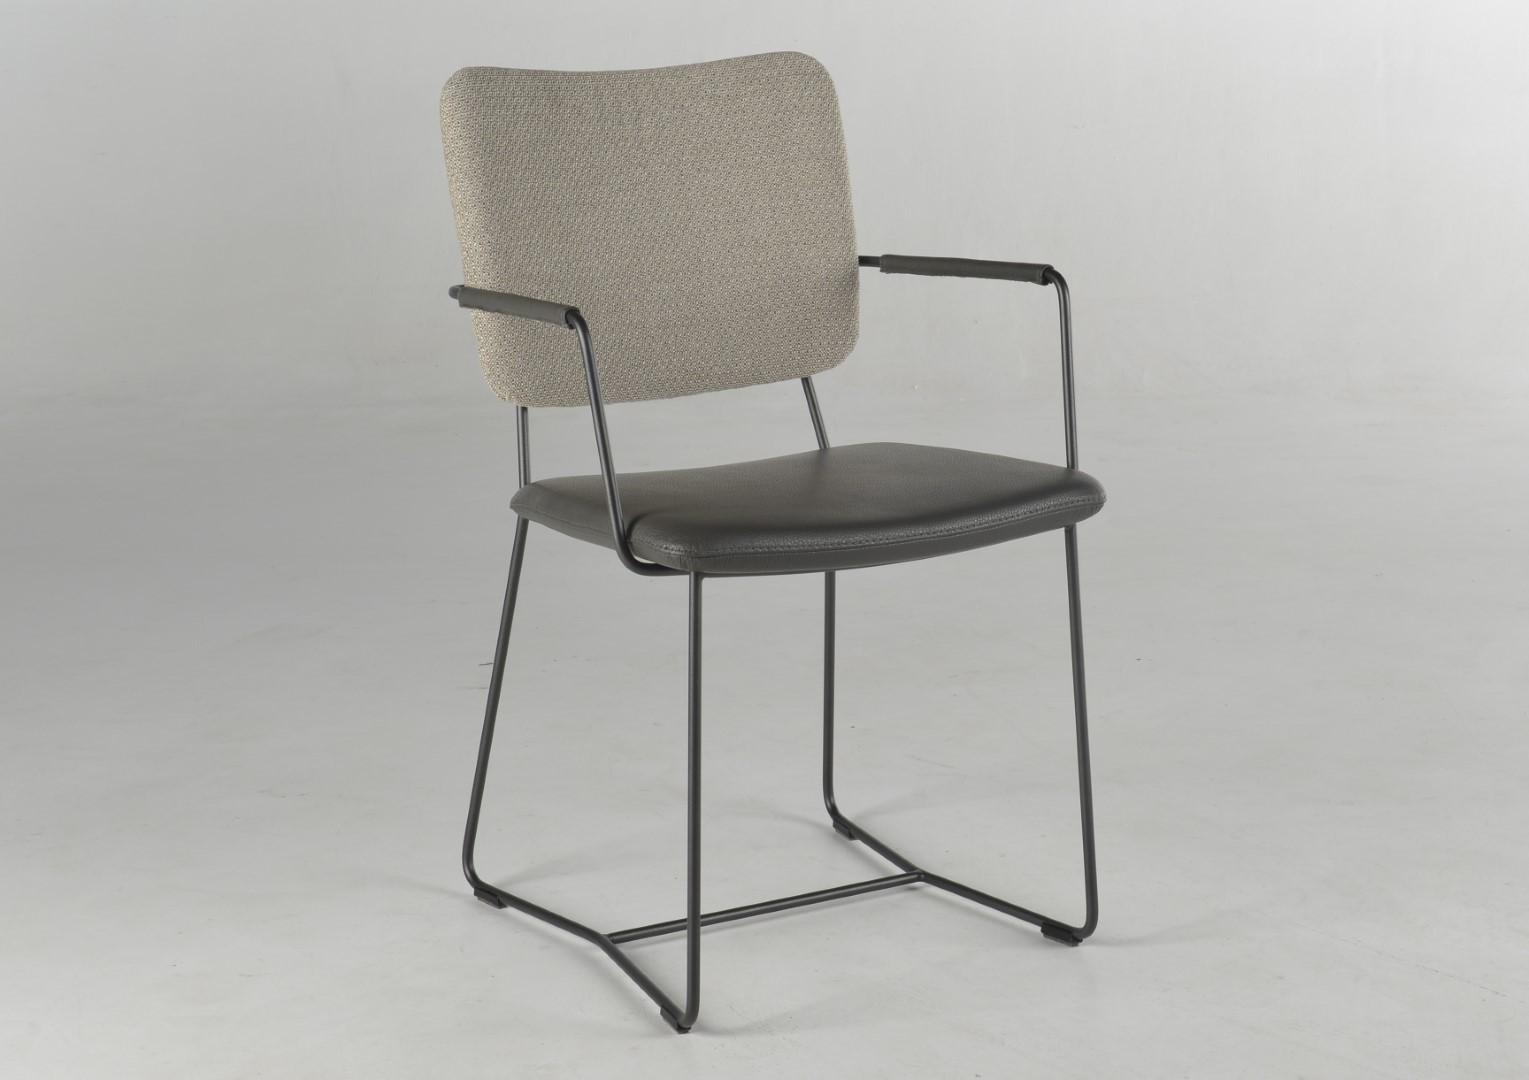 kiko eetkamerstoel bert plantagie outlet. Black Bedroom Furniture Sets. Home Design Ideas